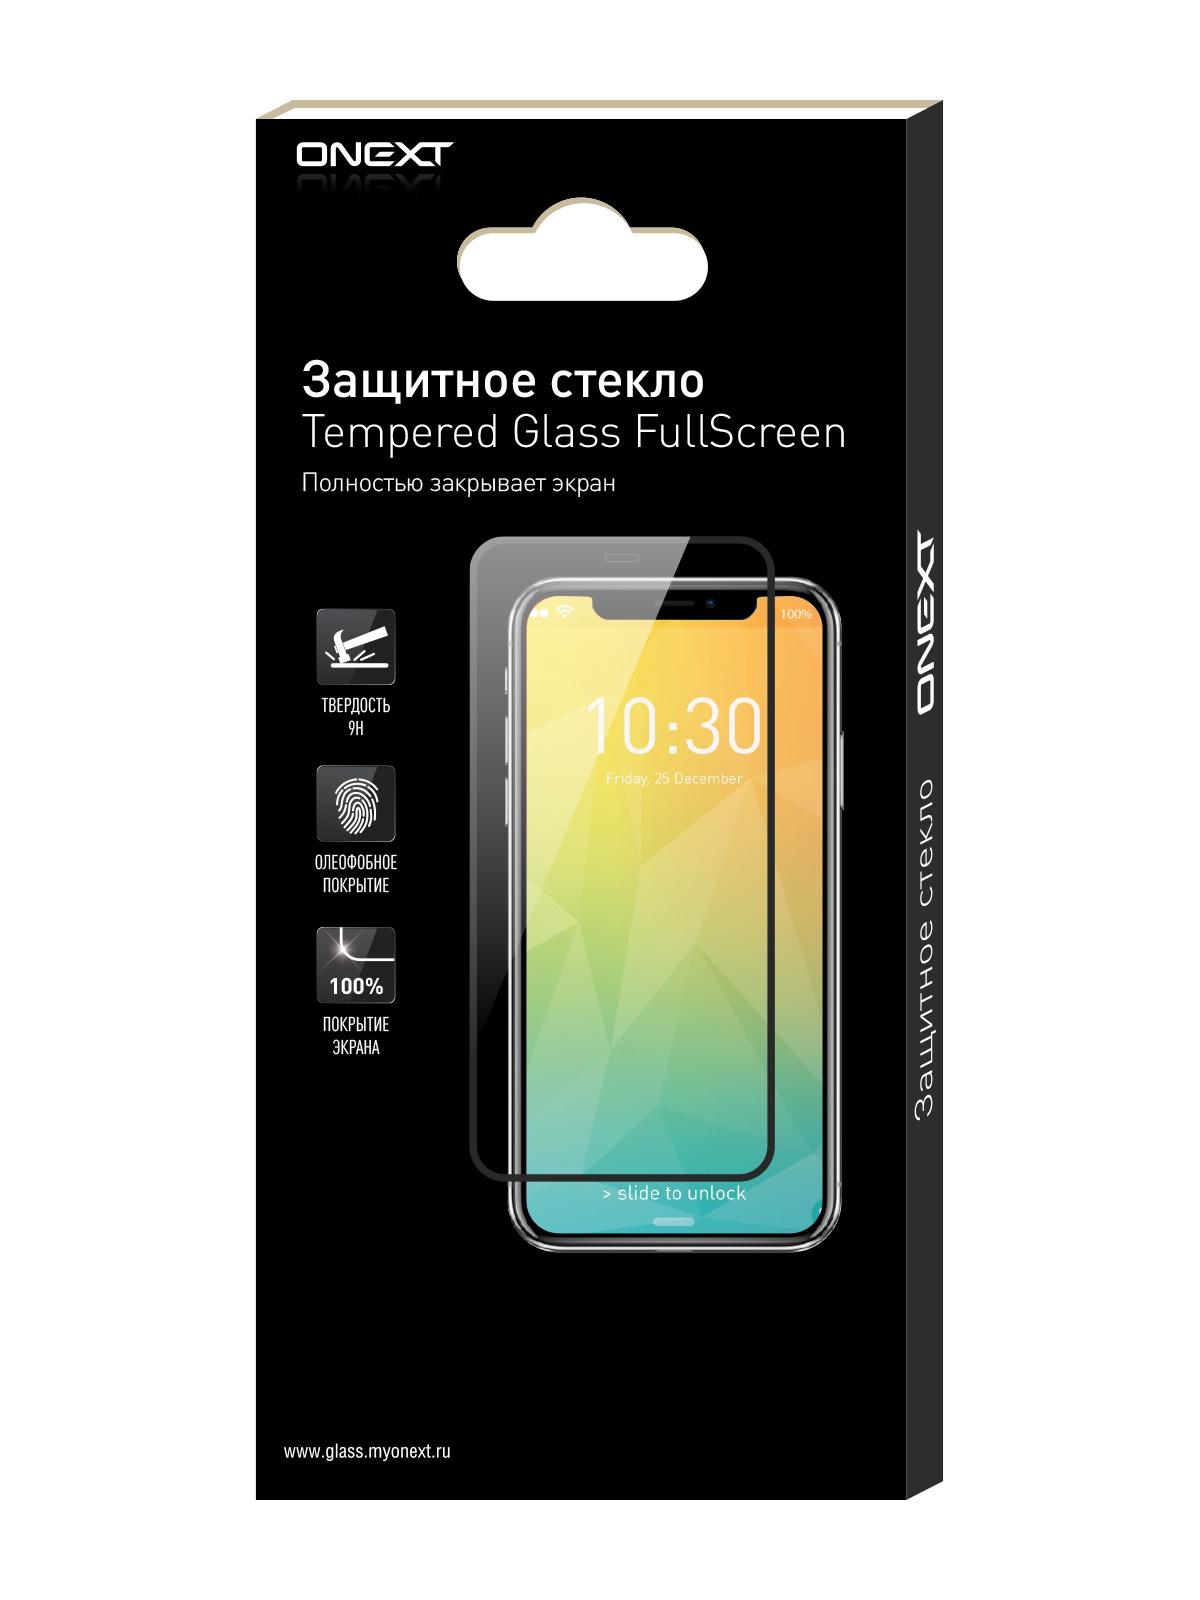 Защитное стекло ONEXT Huawei Honor 9 Lite с рамкой защитное стекло onext для huawei honor 9 lite 641 41661 с рамкой черный